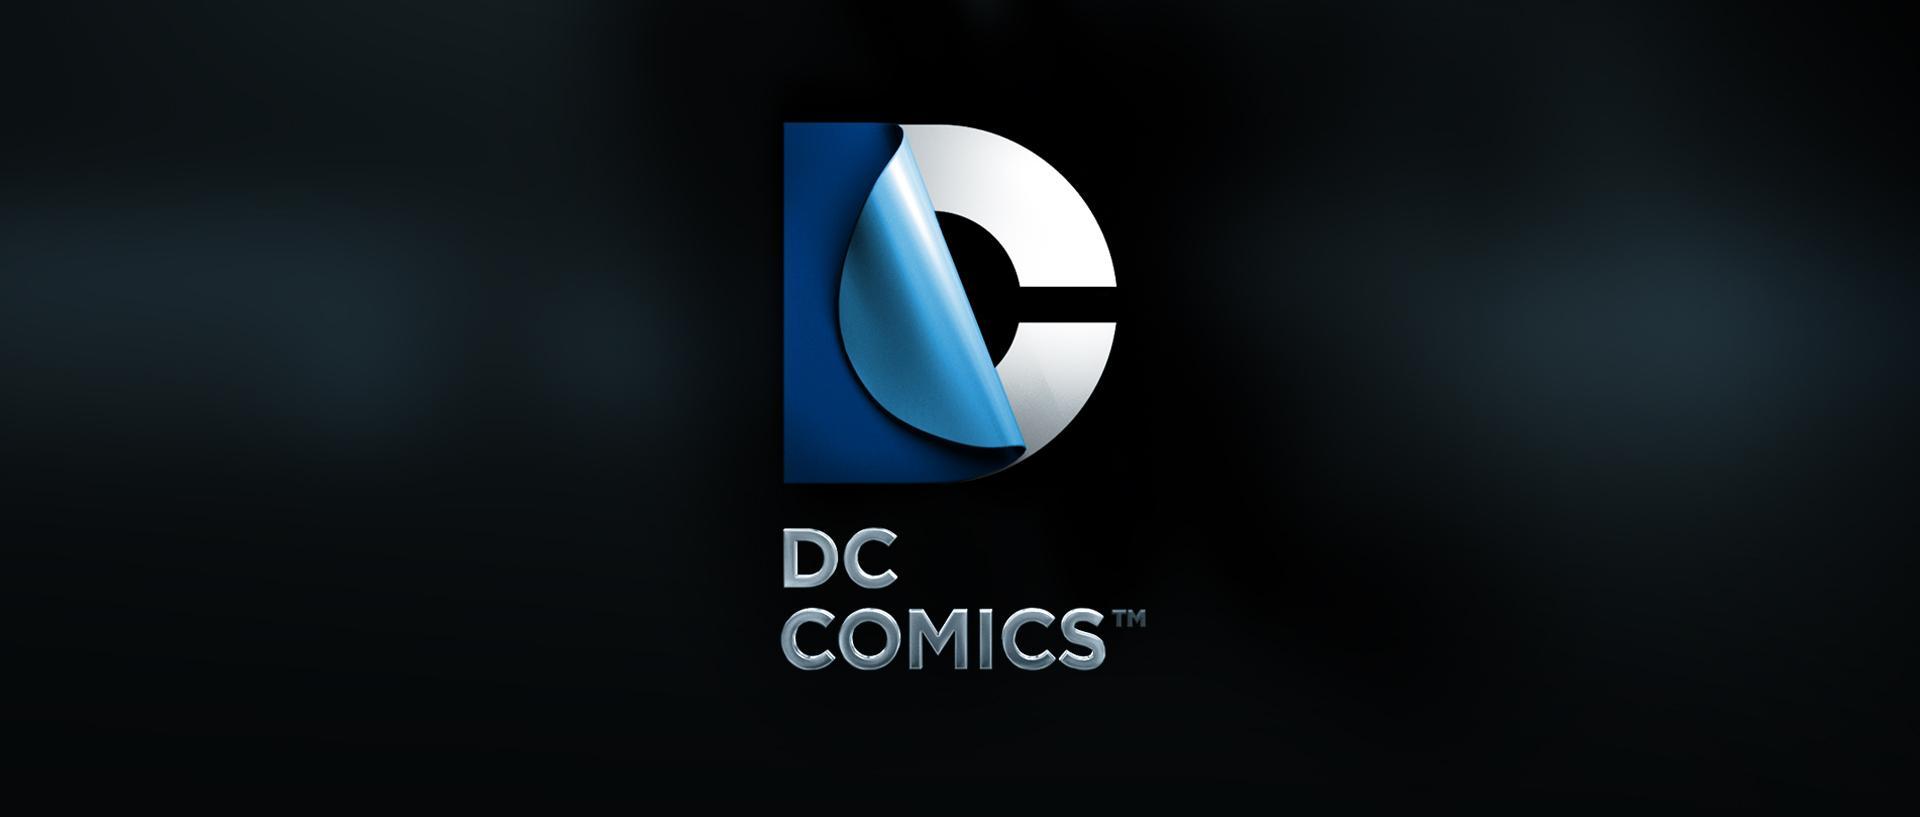 Les personnages de l'univers cinématographique DC Comics